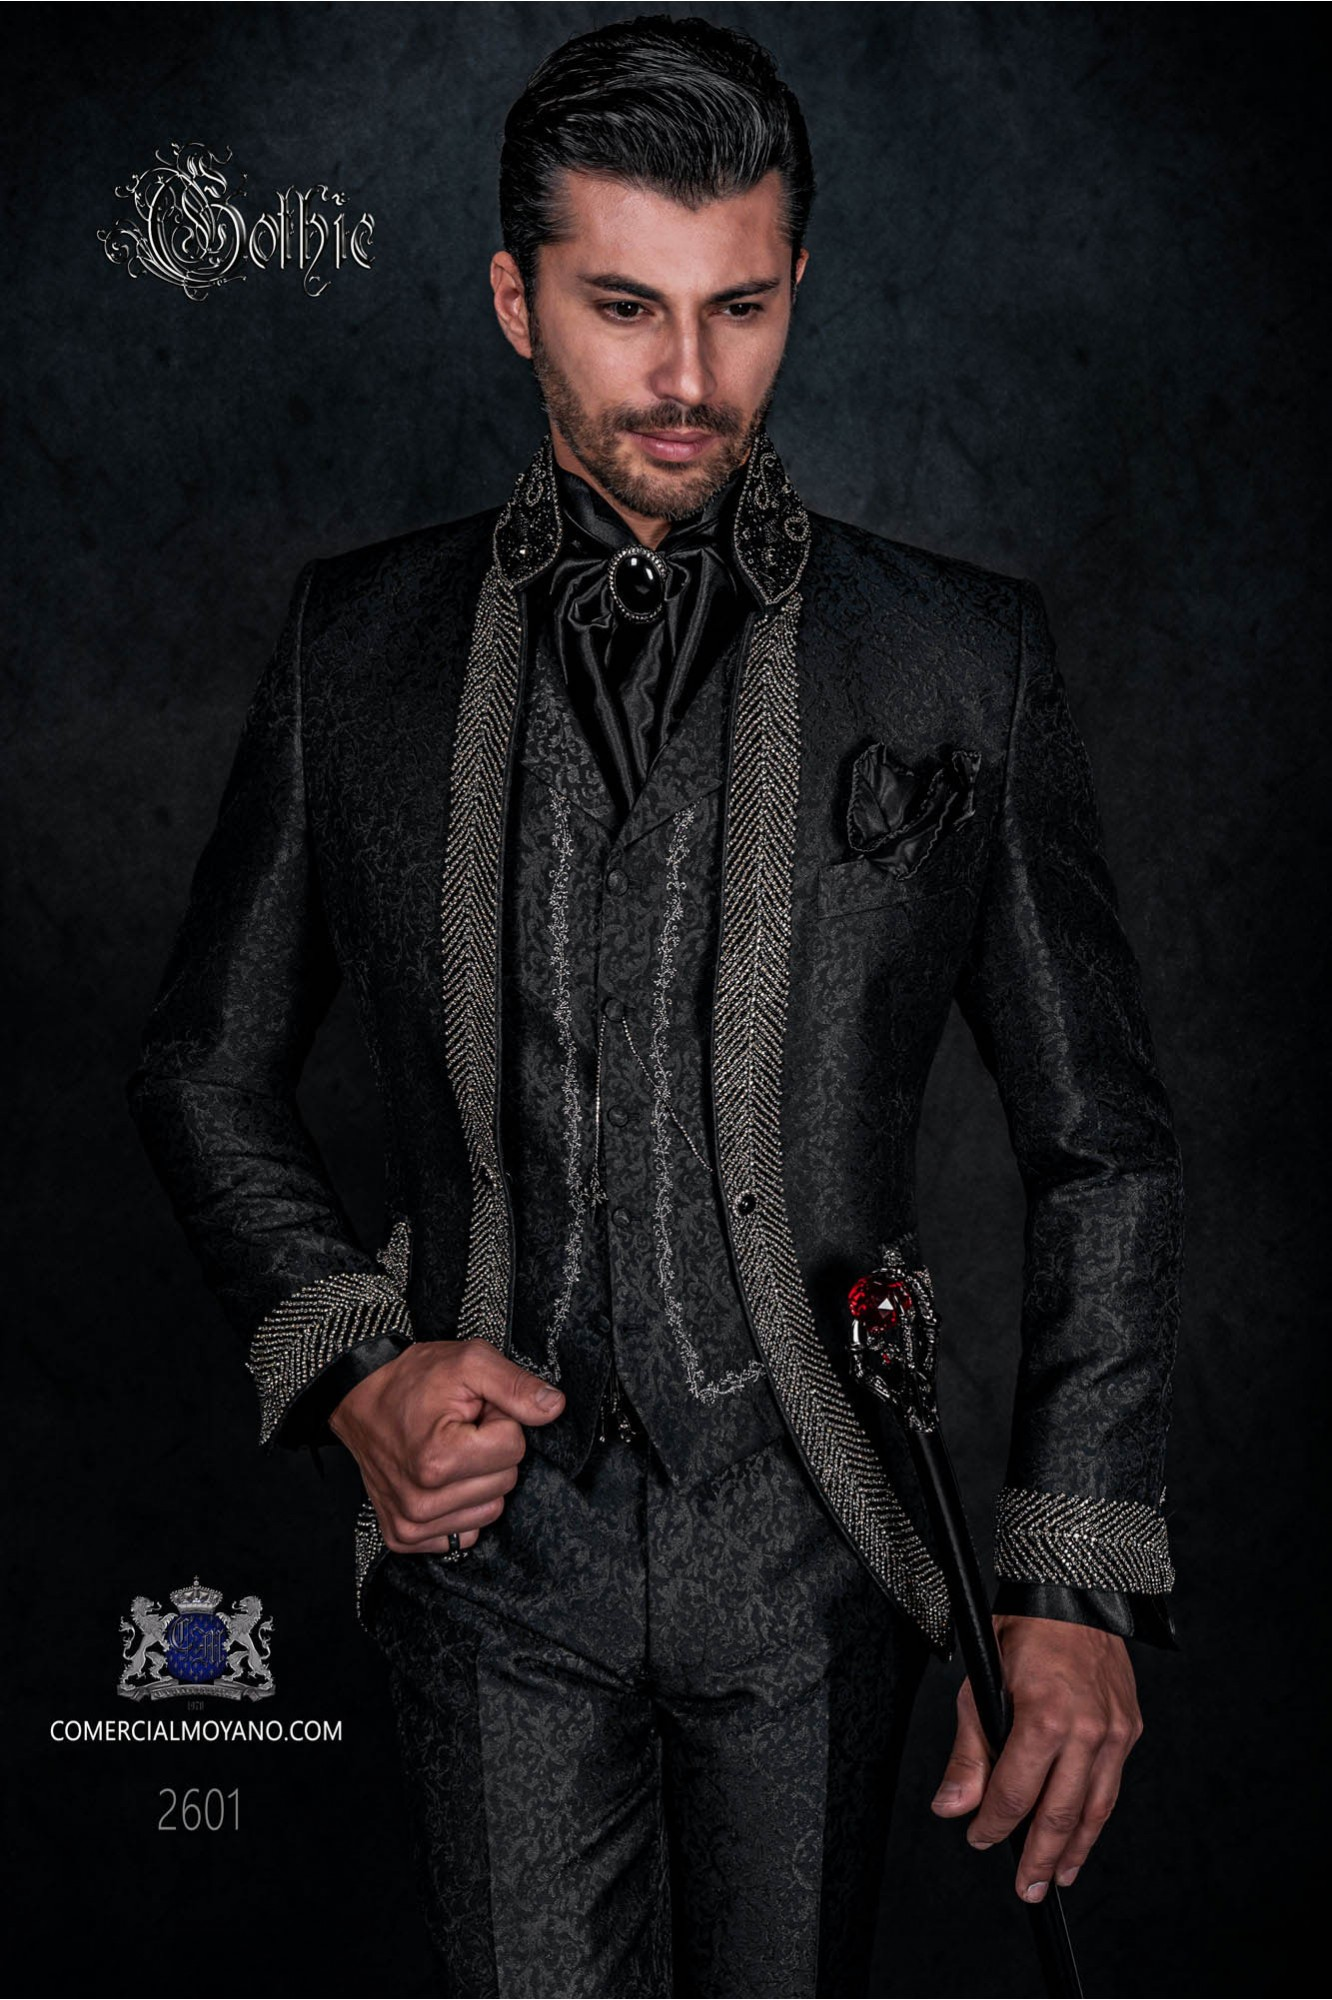 Crystals Avec Mariage Gothique Redingote De Brocart Noir Costume Noire 7gyfb6